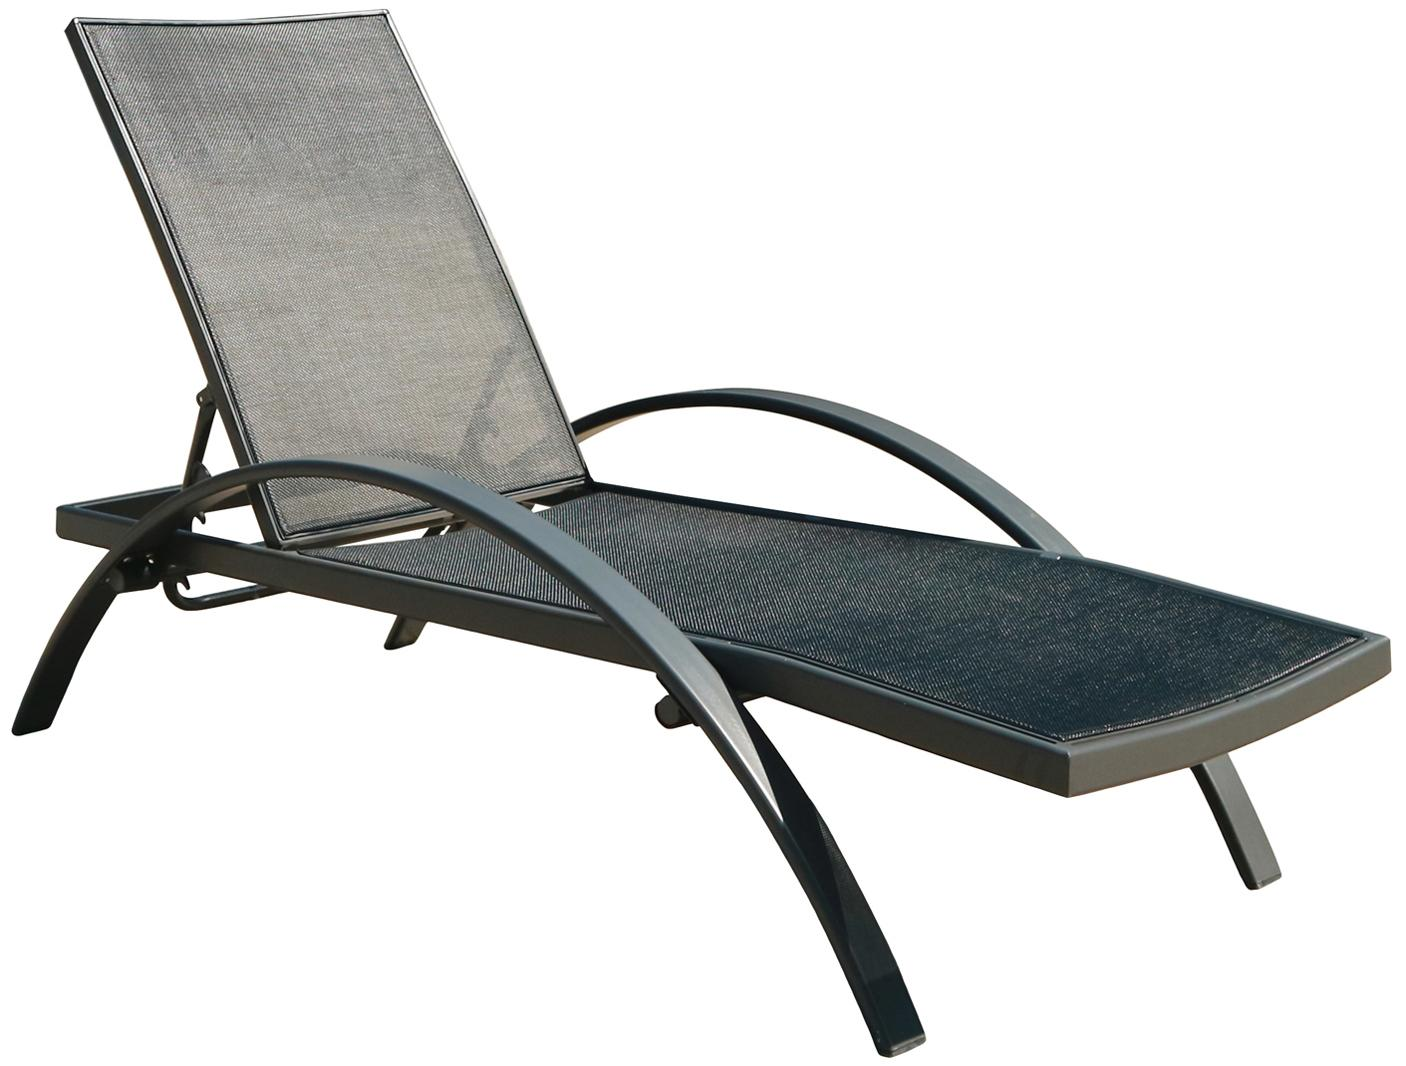 Lettino da giardino Eddy, Alluminio, tessuto, Antracite, nero, Larg. 65 x Alt. 32 cm